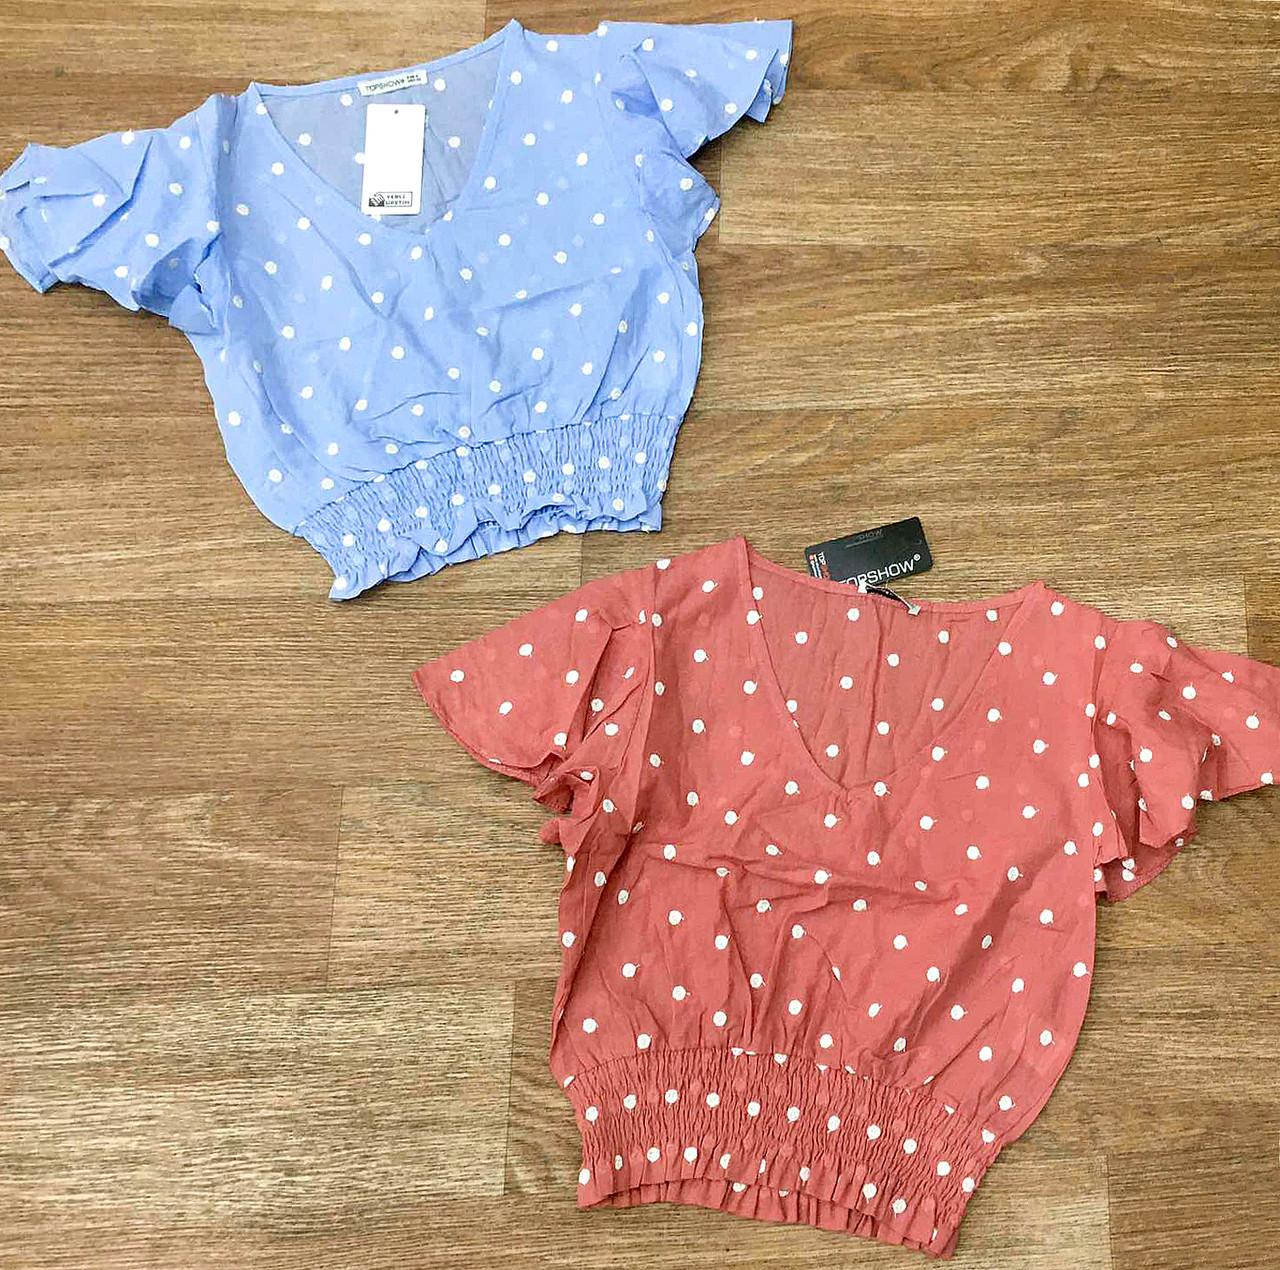 Стильный женский блузка-топ в горошек 42-48 (в расцветках)